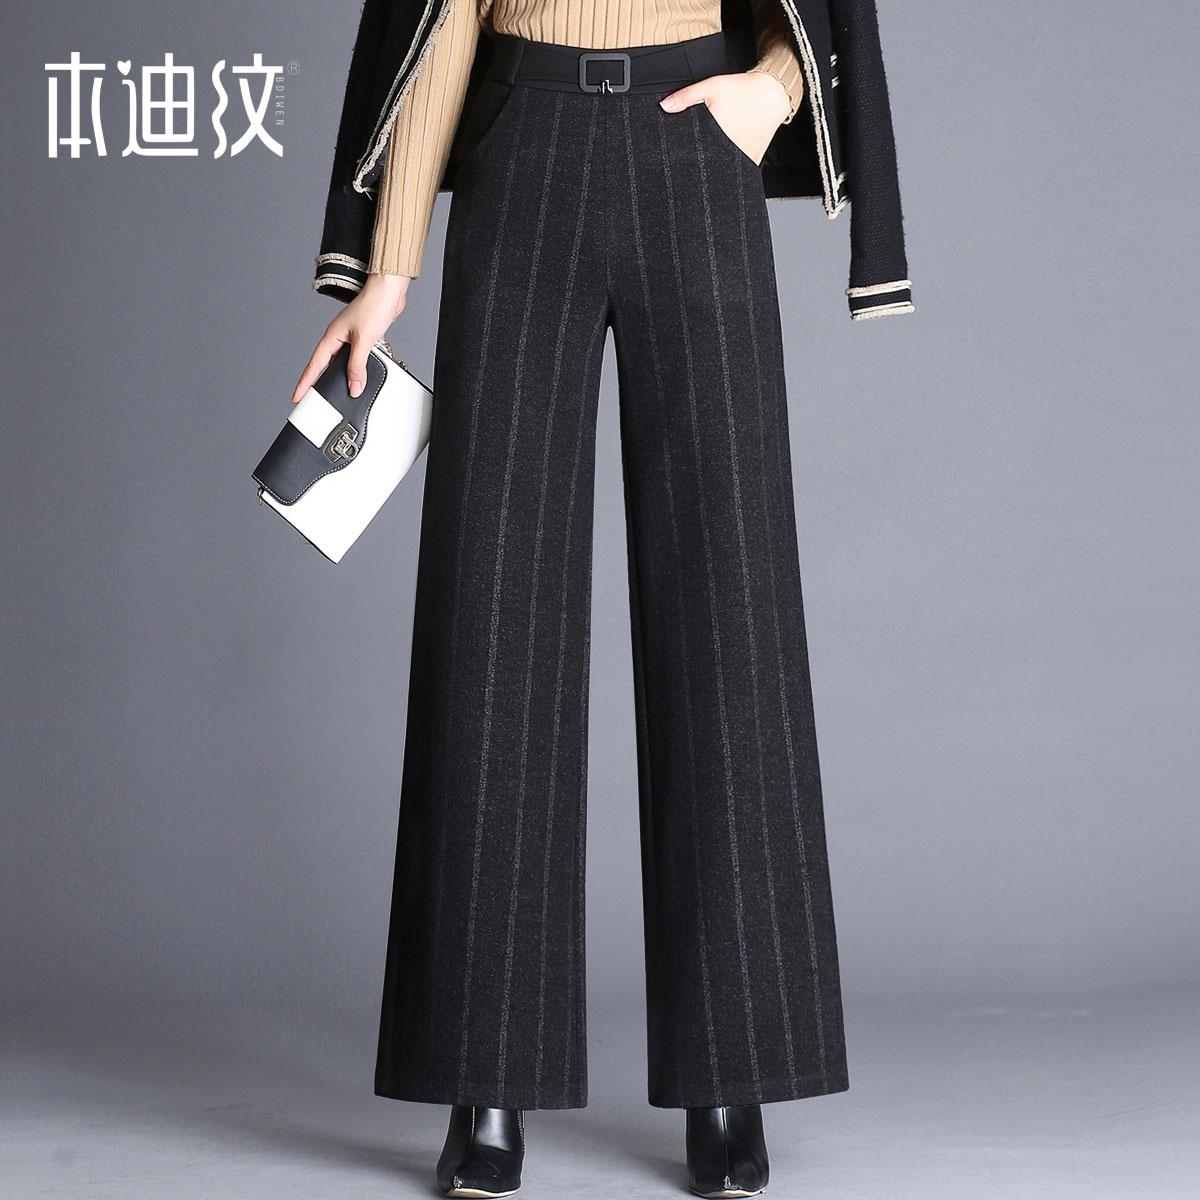 本迪纹休闲裤怎么样,女装受欢迎吗